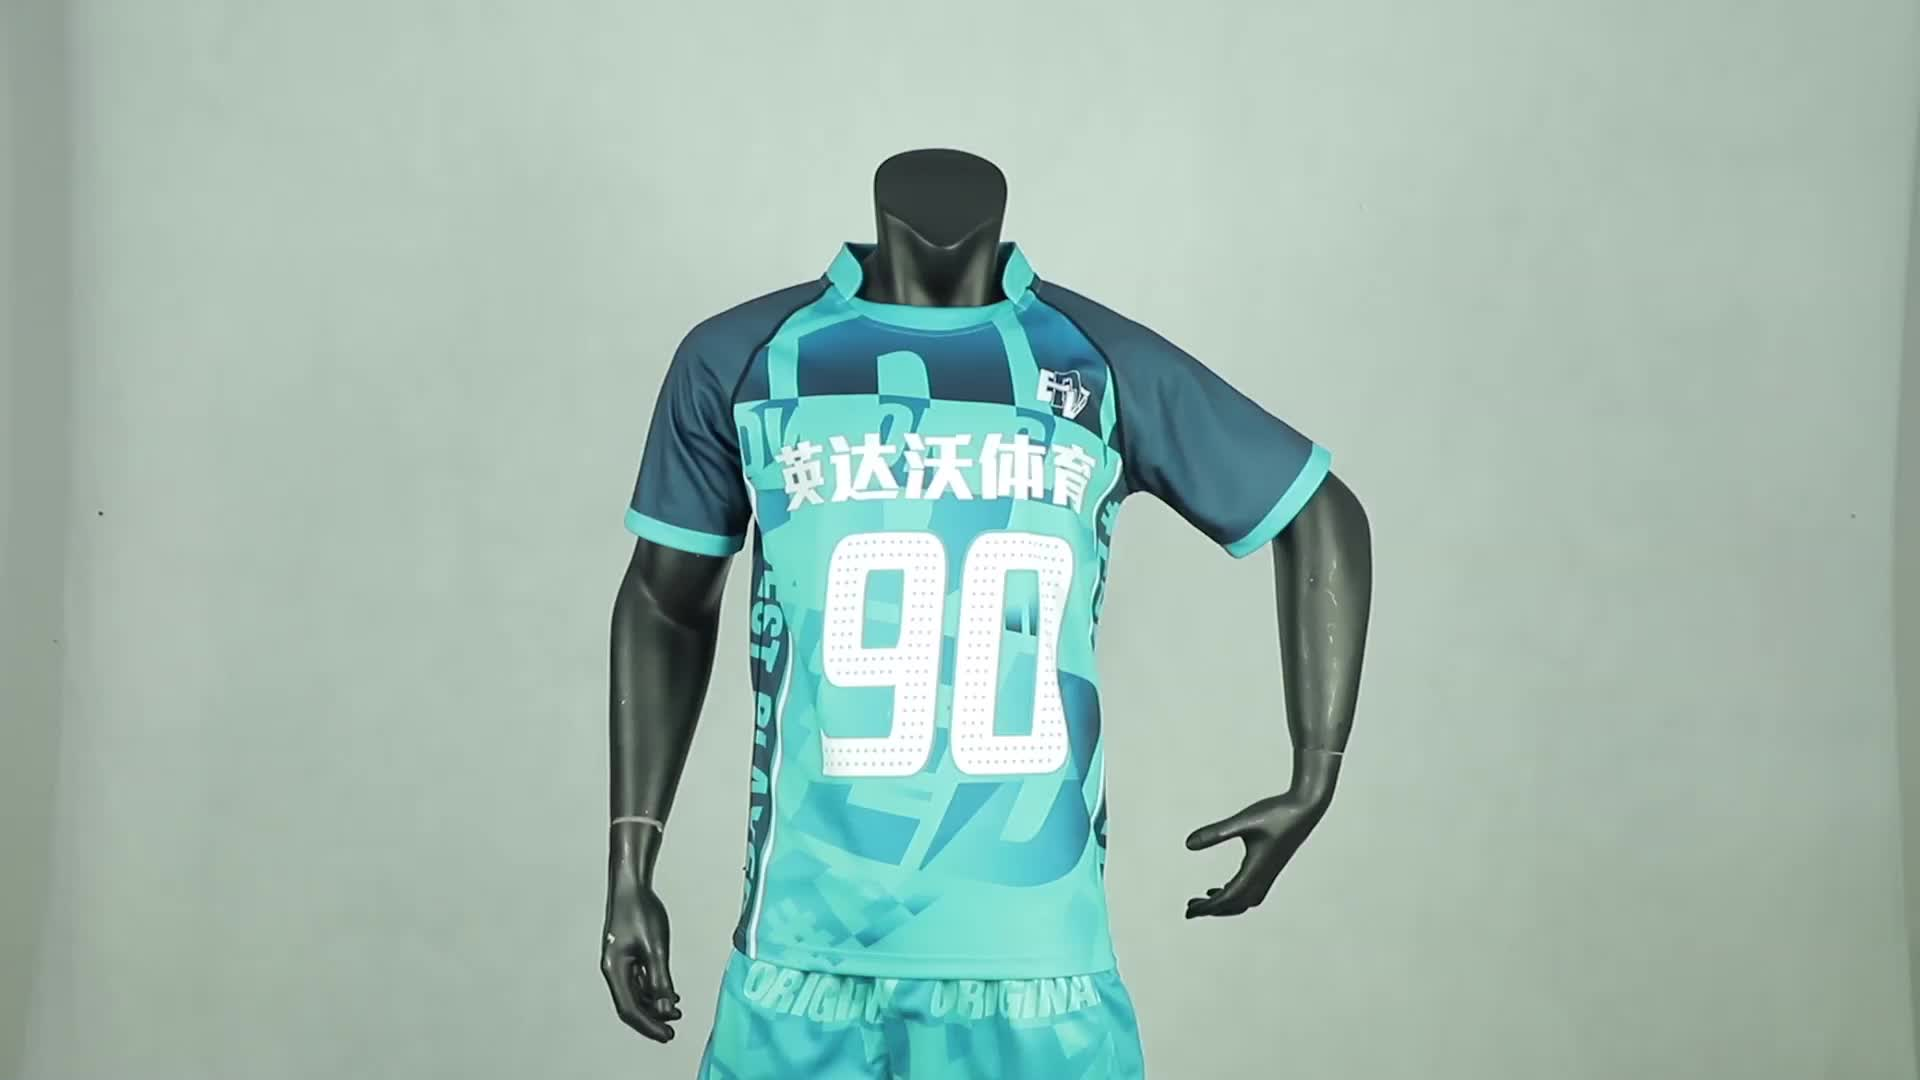 Изготовленный на заказ последний дизайн (джиу джицу), сублимированное толстые Новой Зеландии регби рубашка Лига майки форма для продажи